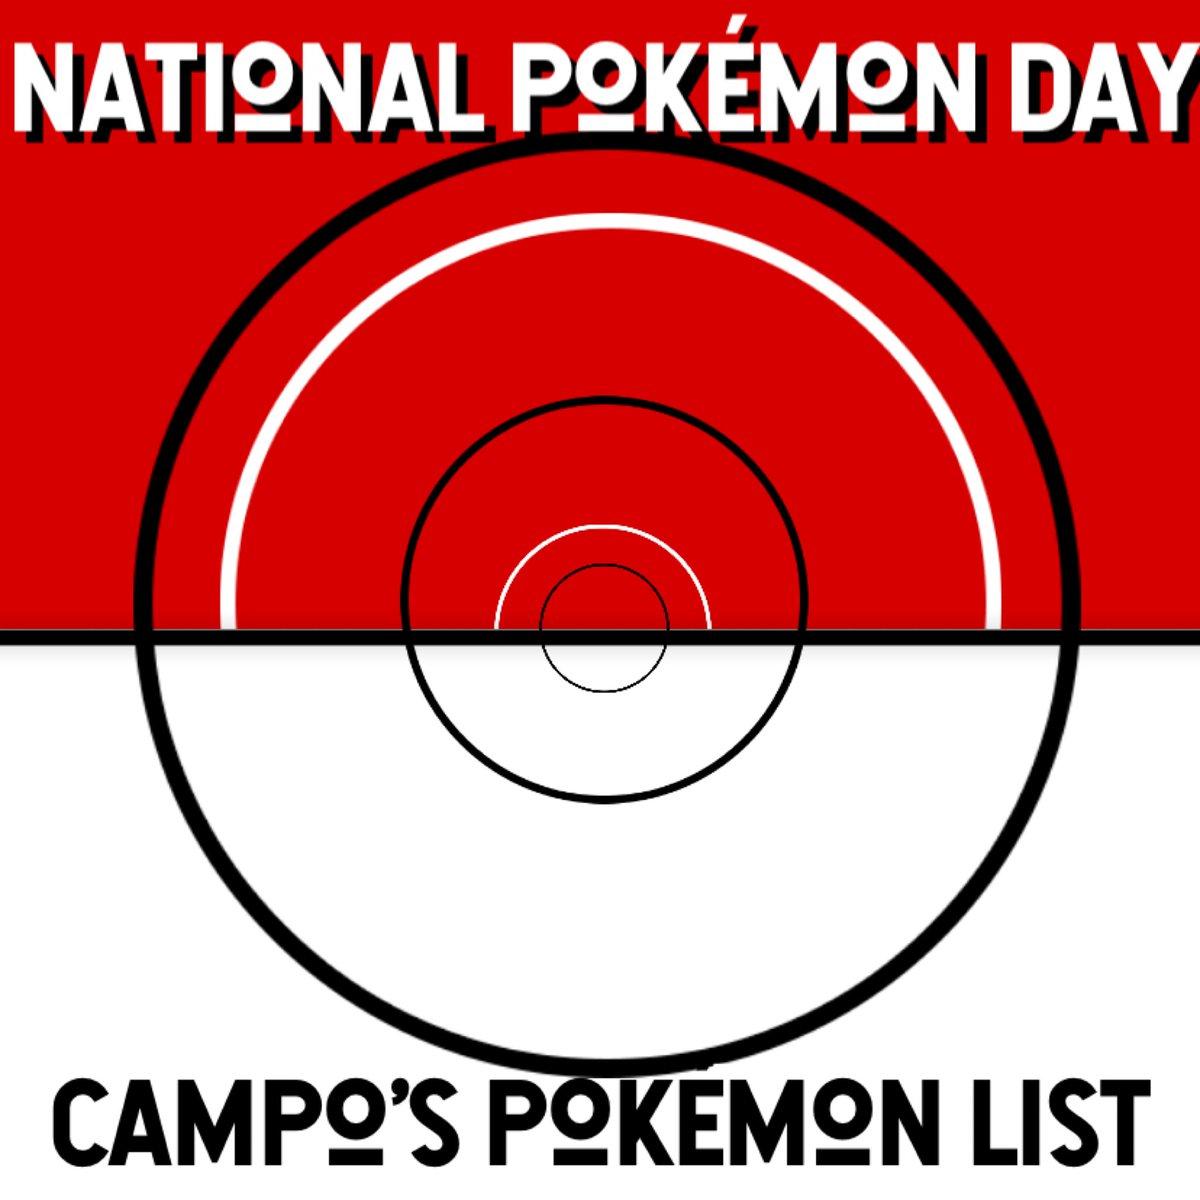 Happy National Pokémon Day!  Since it's the 25th anniversary of Pokémon let's show you a short Pokémon list. Here is Campo's list.  #nationalpokemonday #PokemonDay #Pokemon25